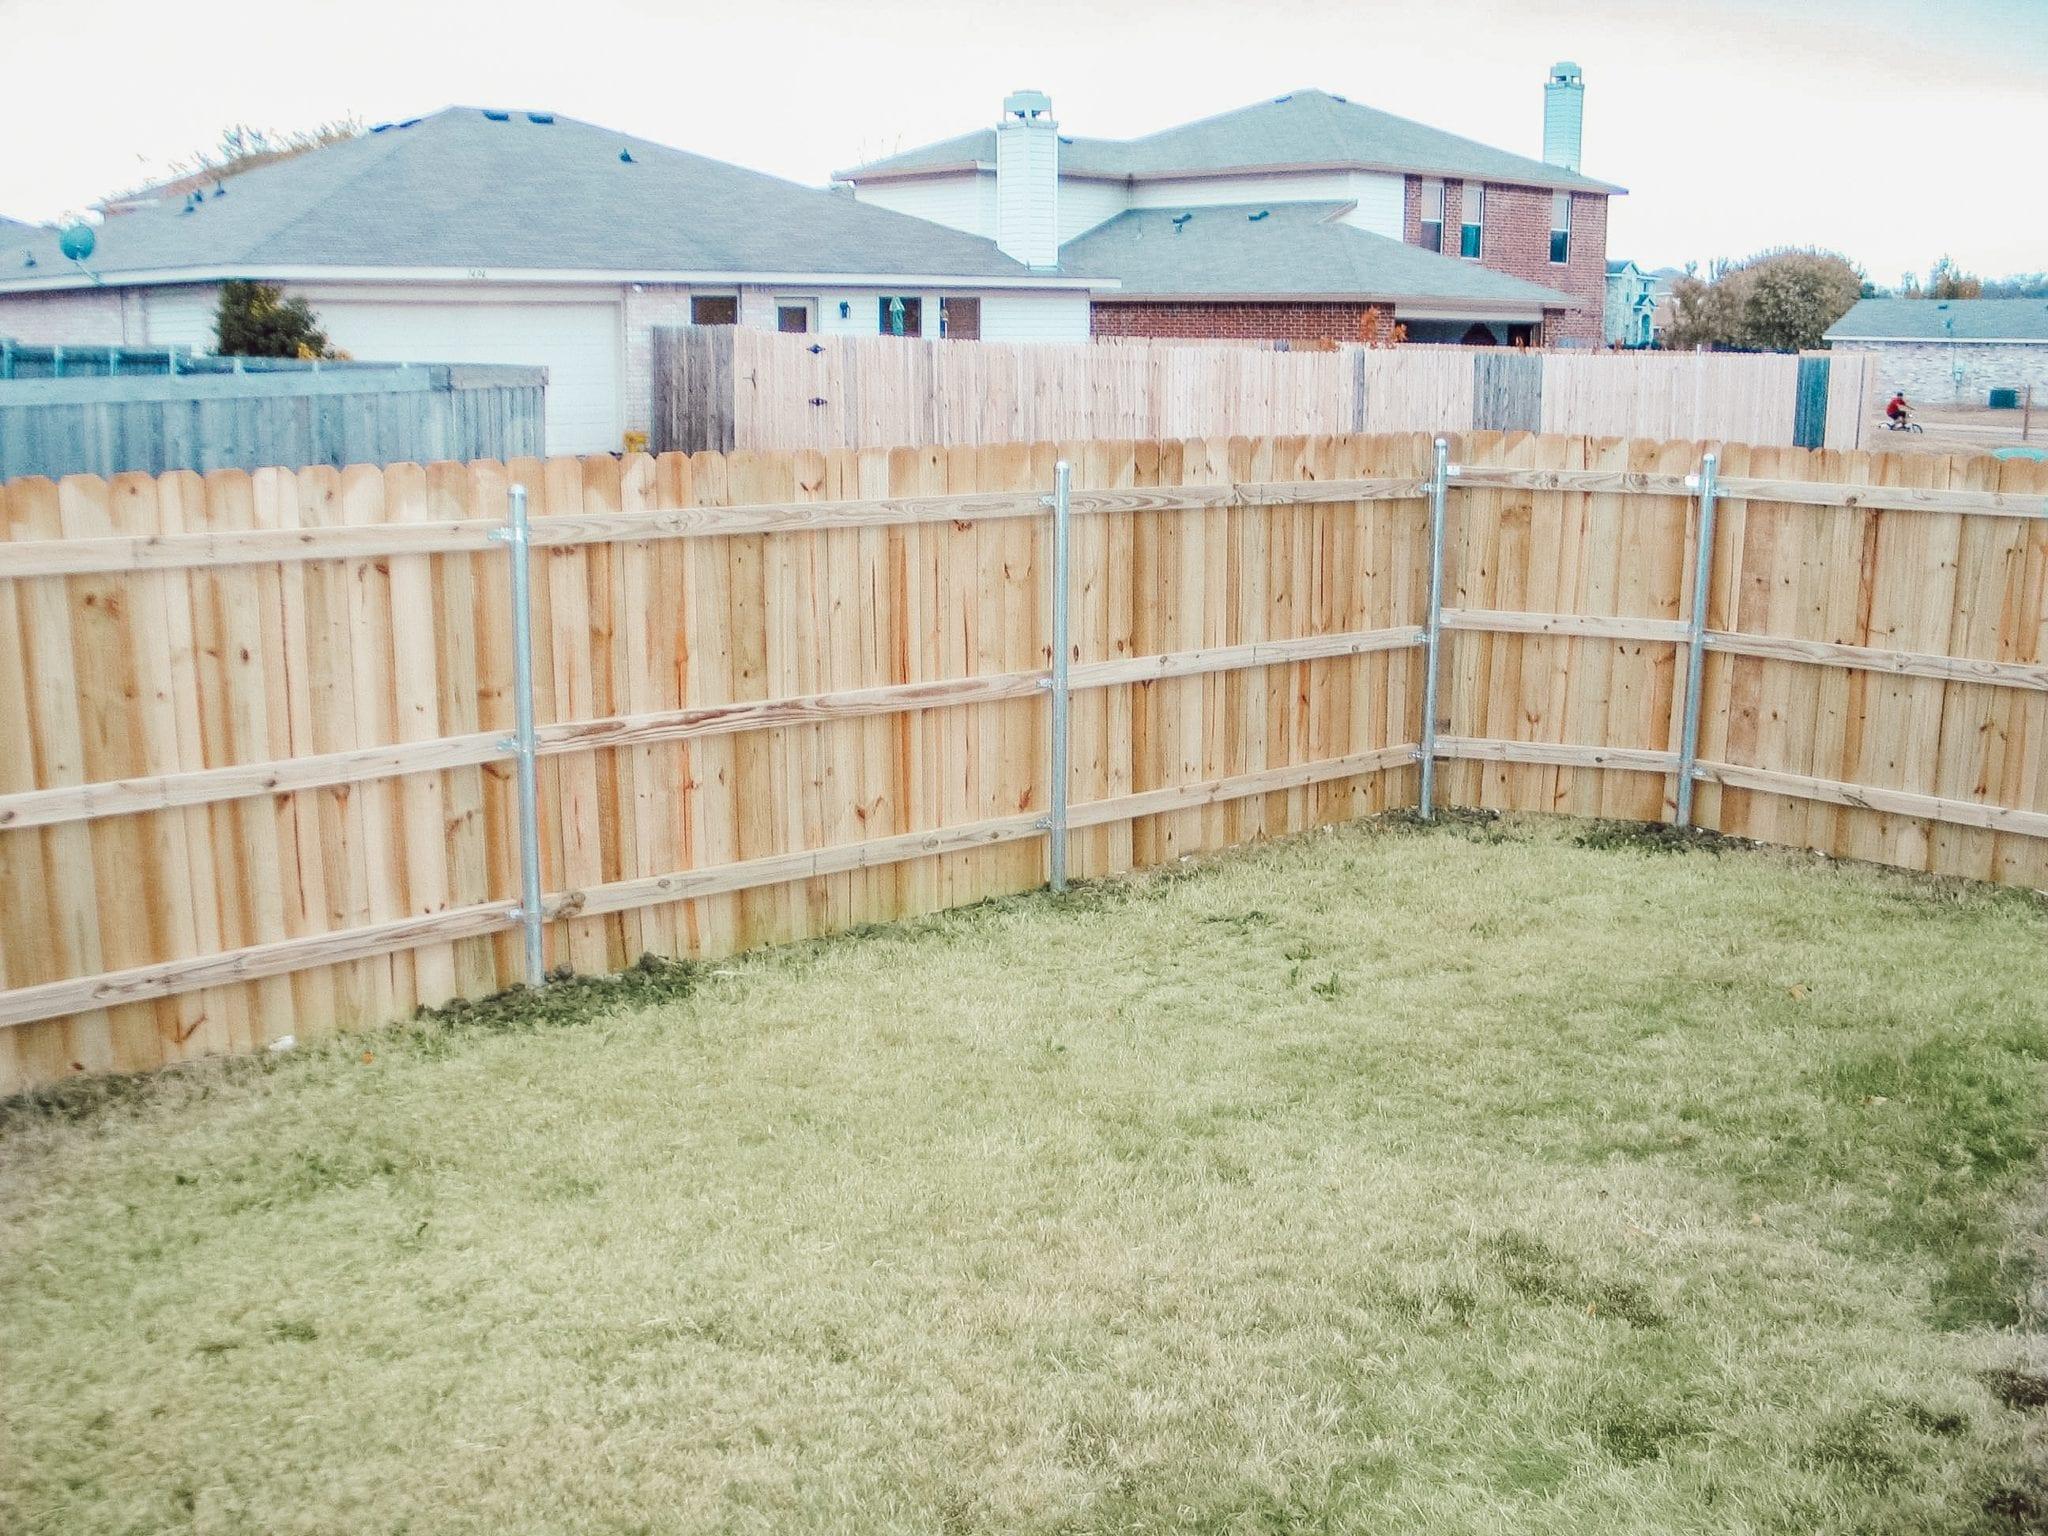 fence in greenville, tx neighborhood